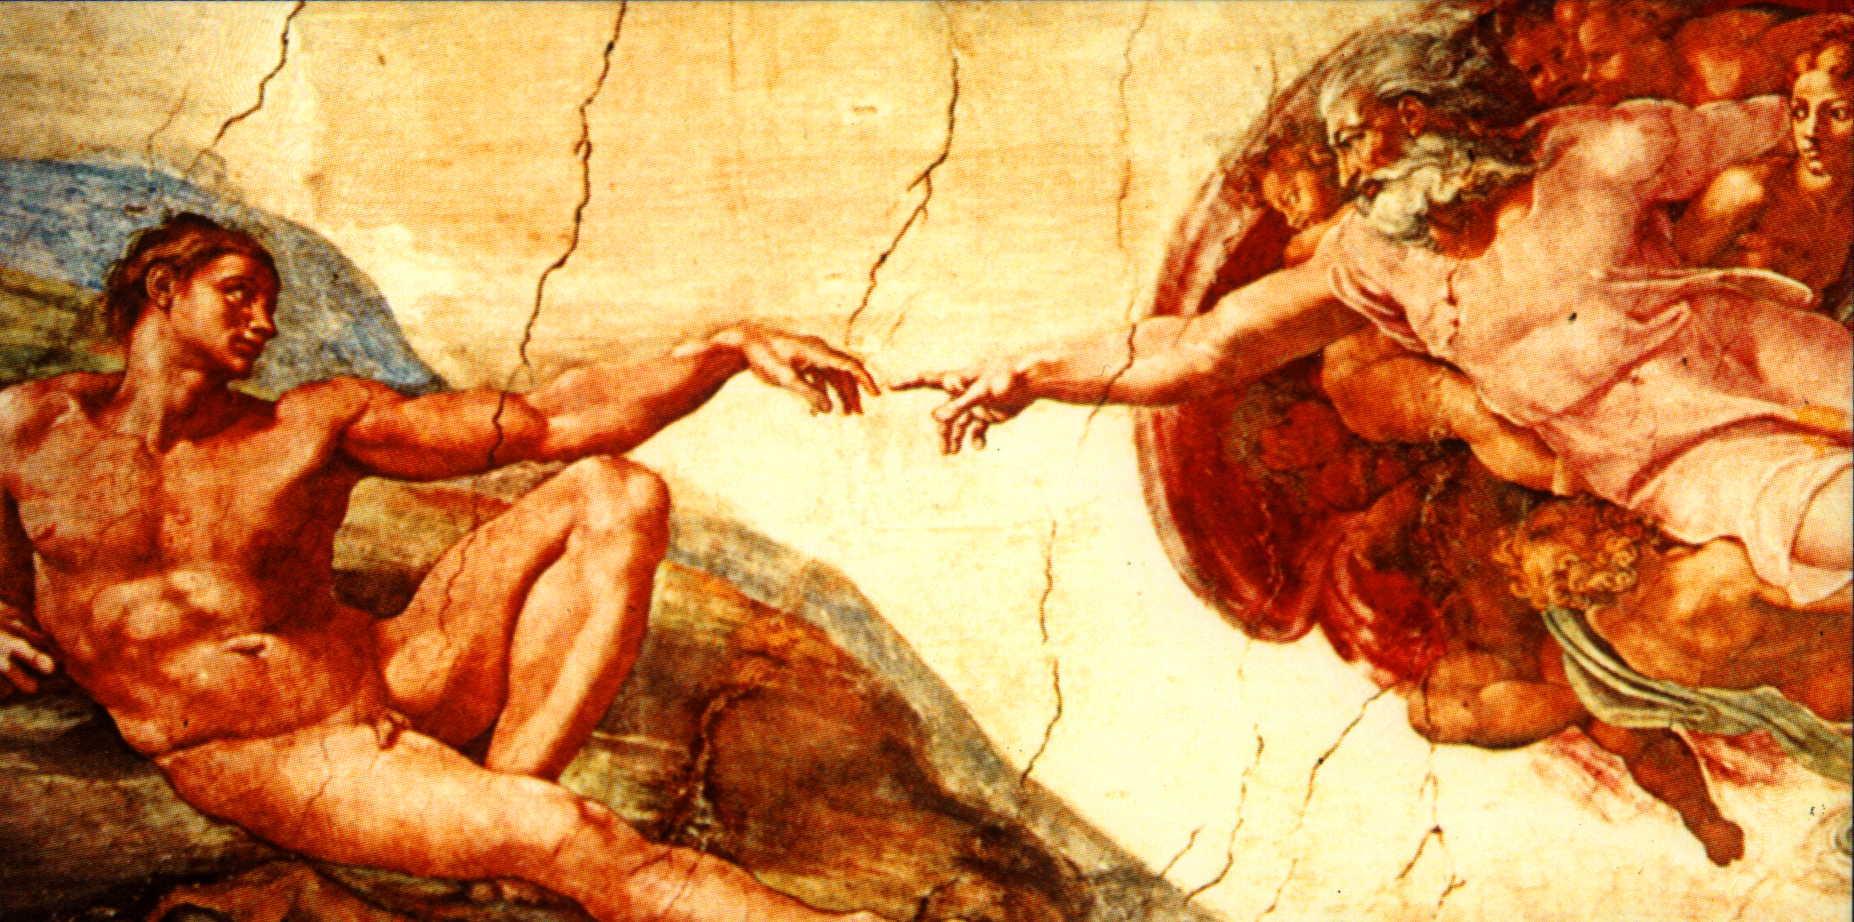 Картинка где боги тянутся руками